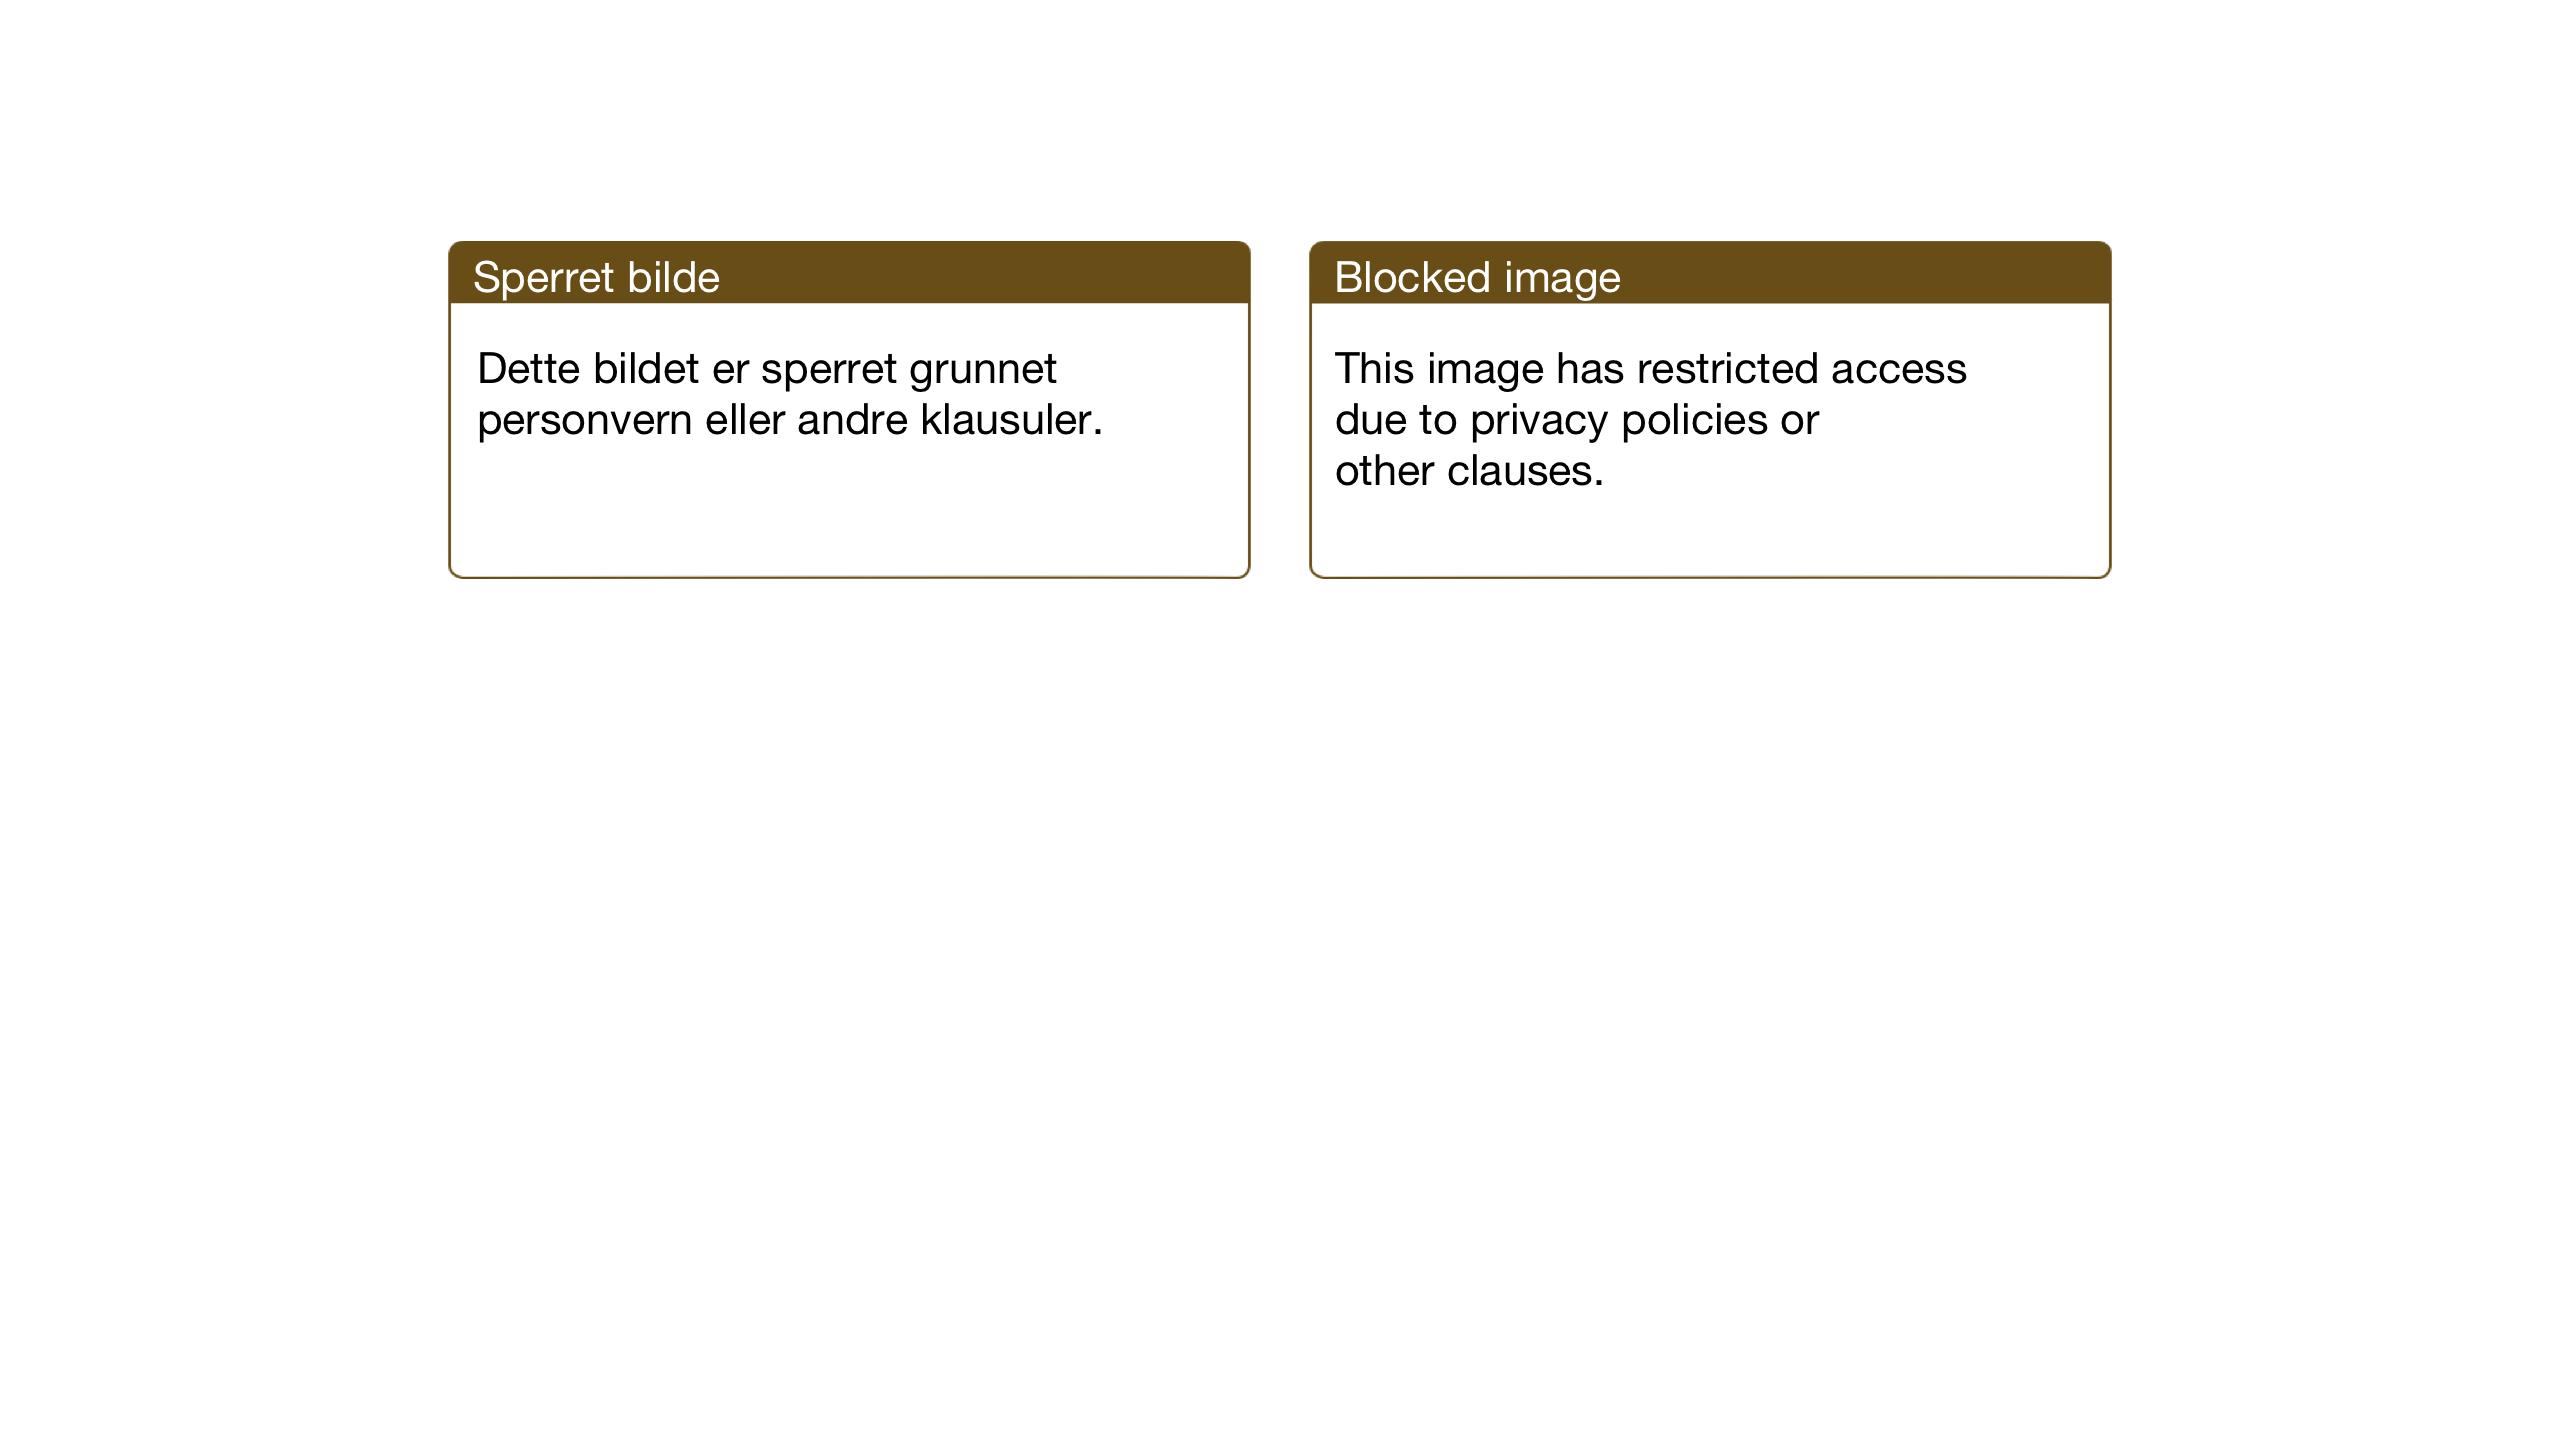 SAT, Ministerialprotokoller, klokkerbøker og fødselsregistre - Sør-Trøndelag, 682/L0947: Klokkerbok nr. 682C01, 1926-1968, s. 13